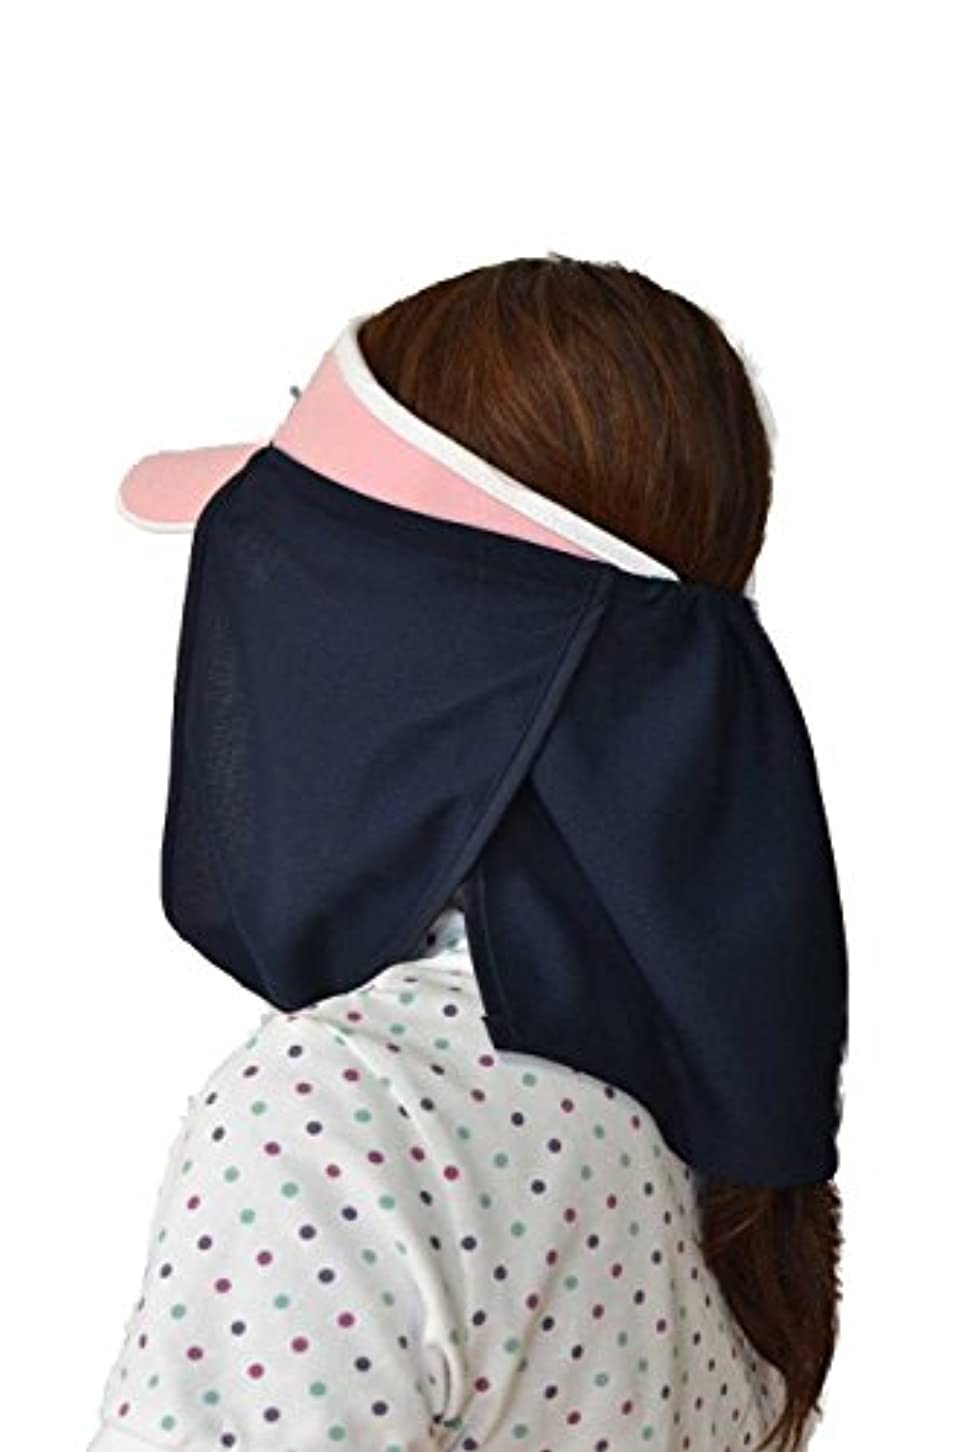 衣装スクランブル昨日UVカット帽子カバー?スズシーノ?(黒色)紫外線対策や熱射病、熱中症対策に最適【特許取得済】